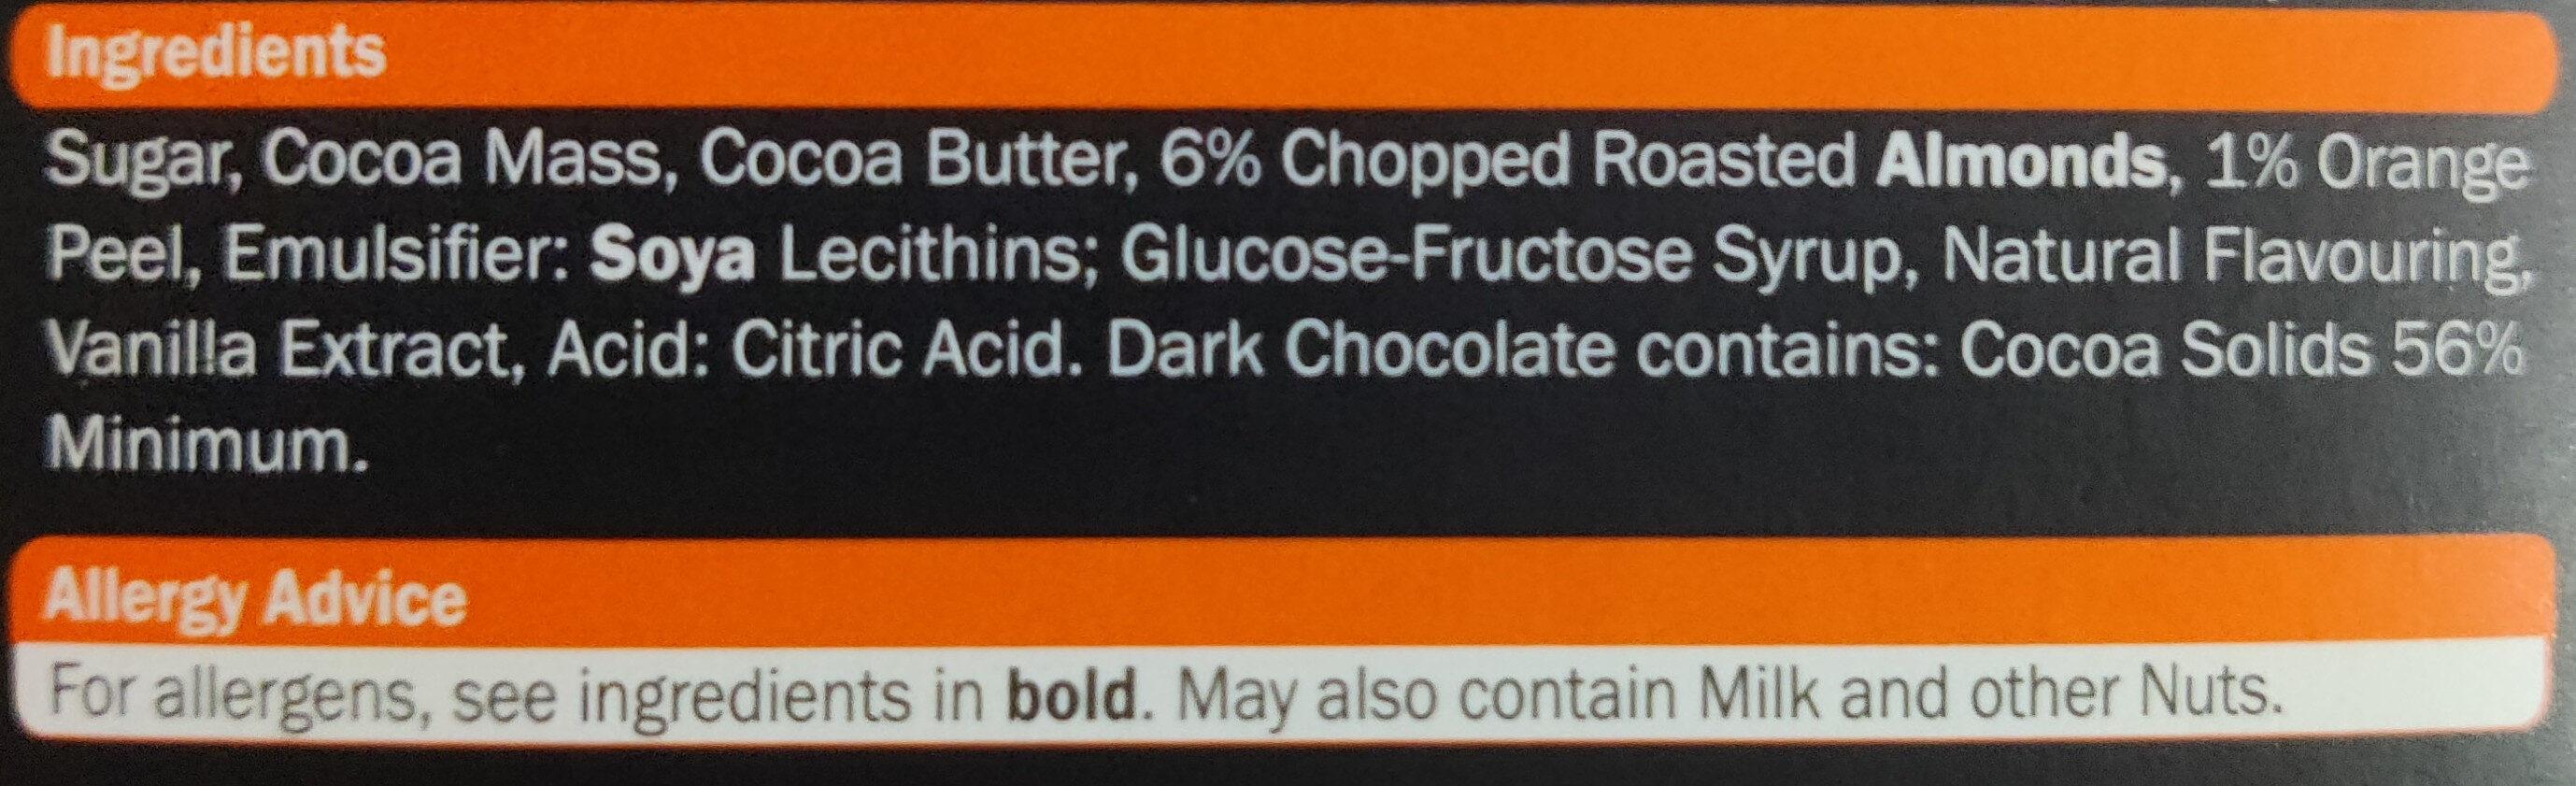 Almond & Orange Dark Chocolate - Ingredients - en